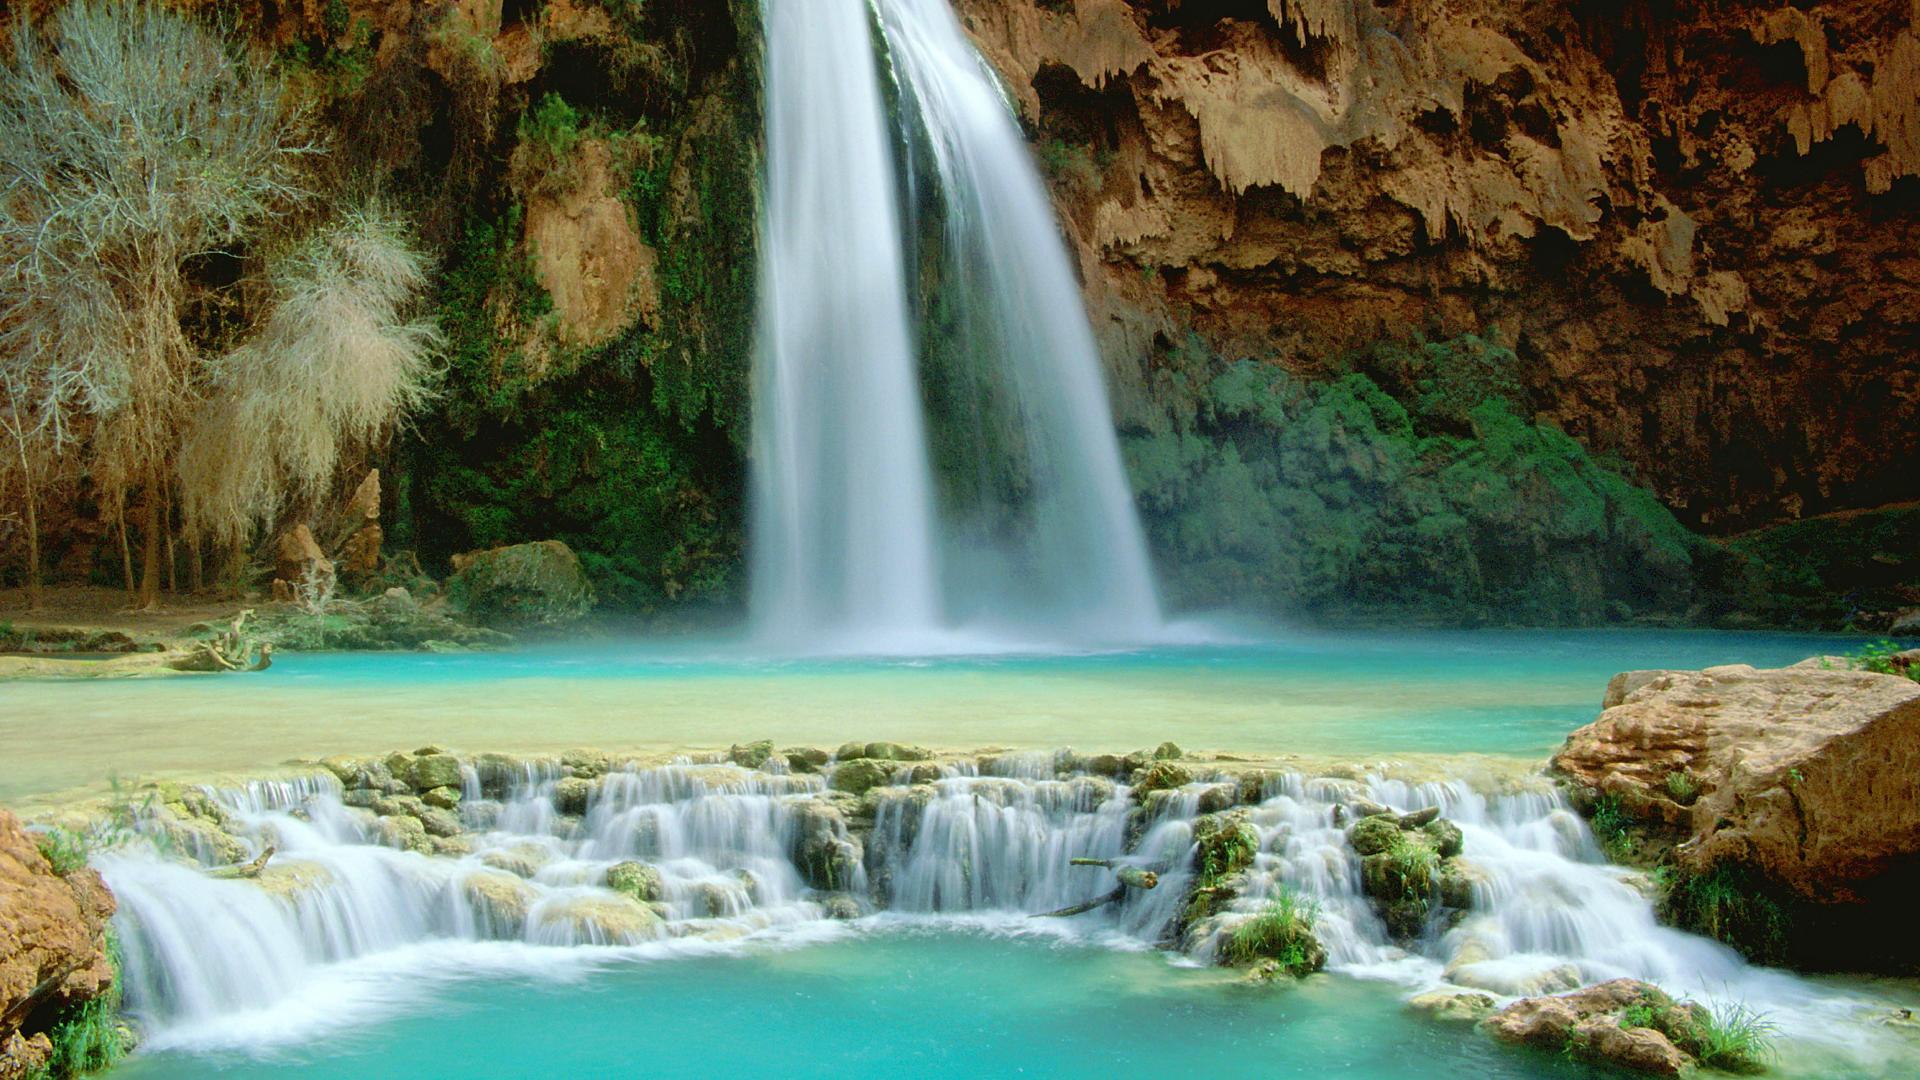 Waterfall Full HD Wallpaper 1920x1080